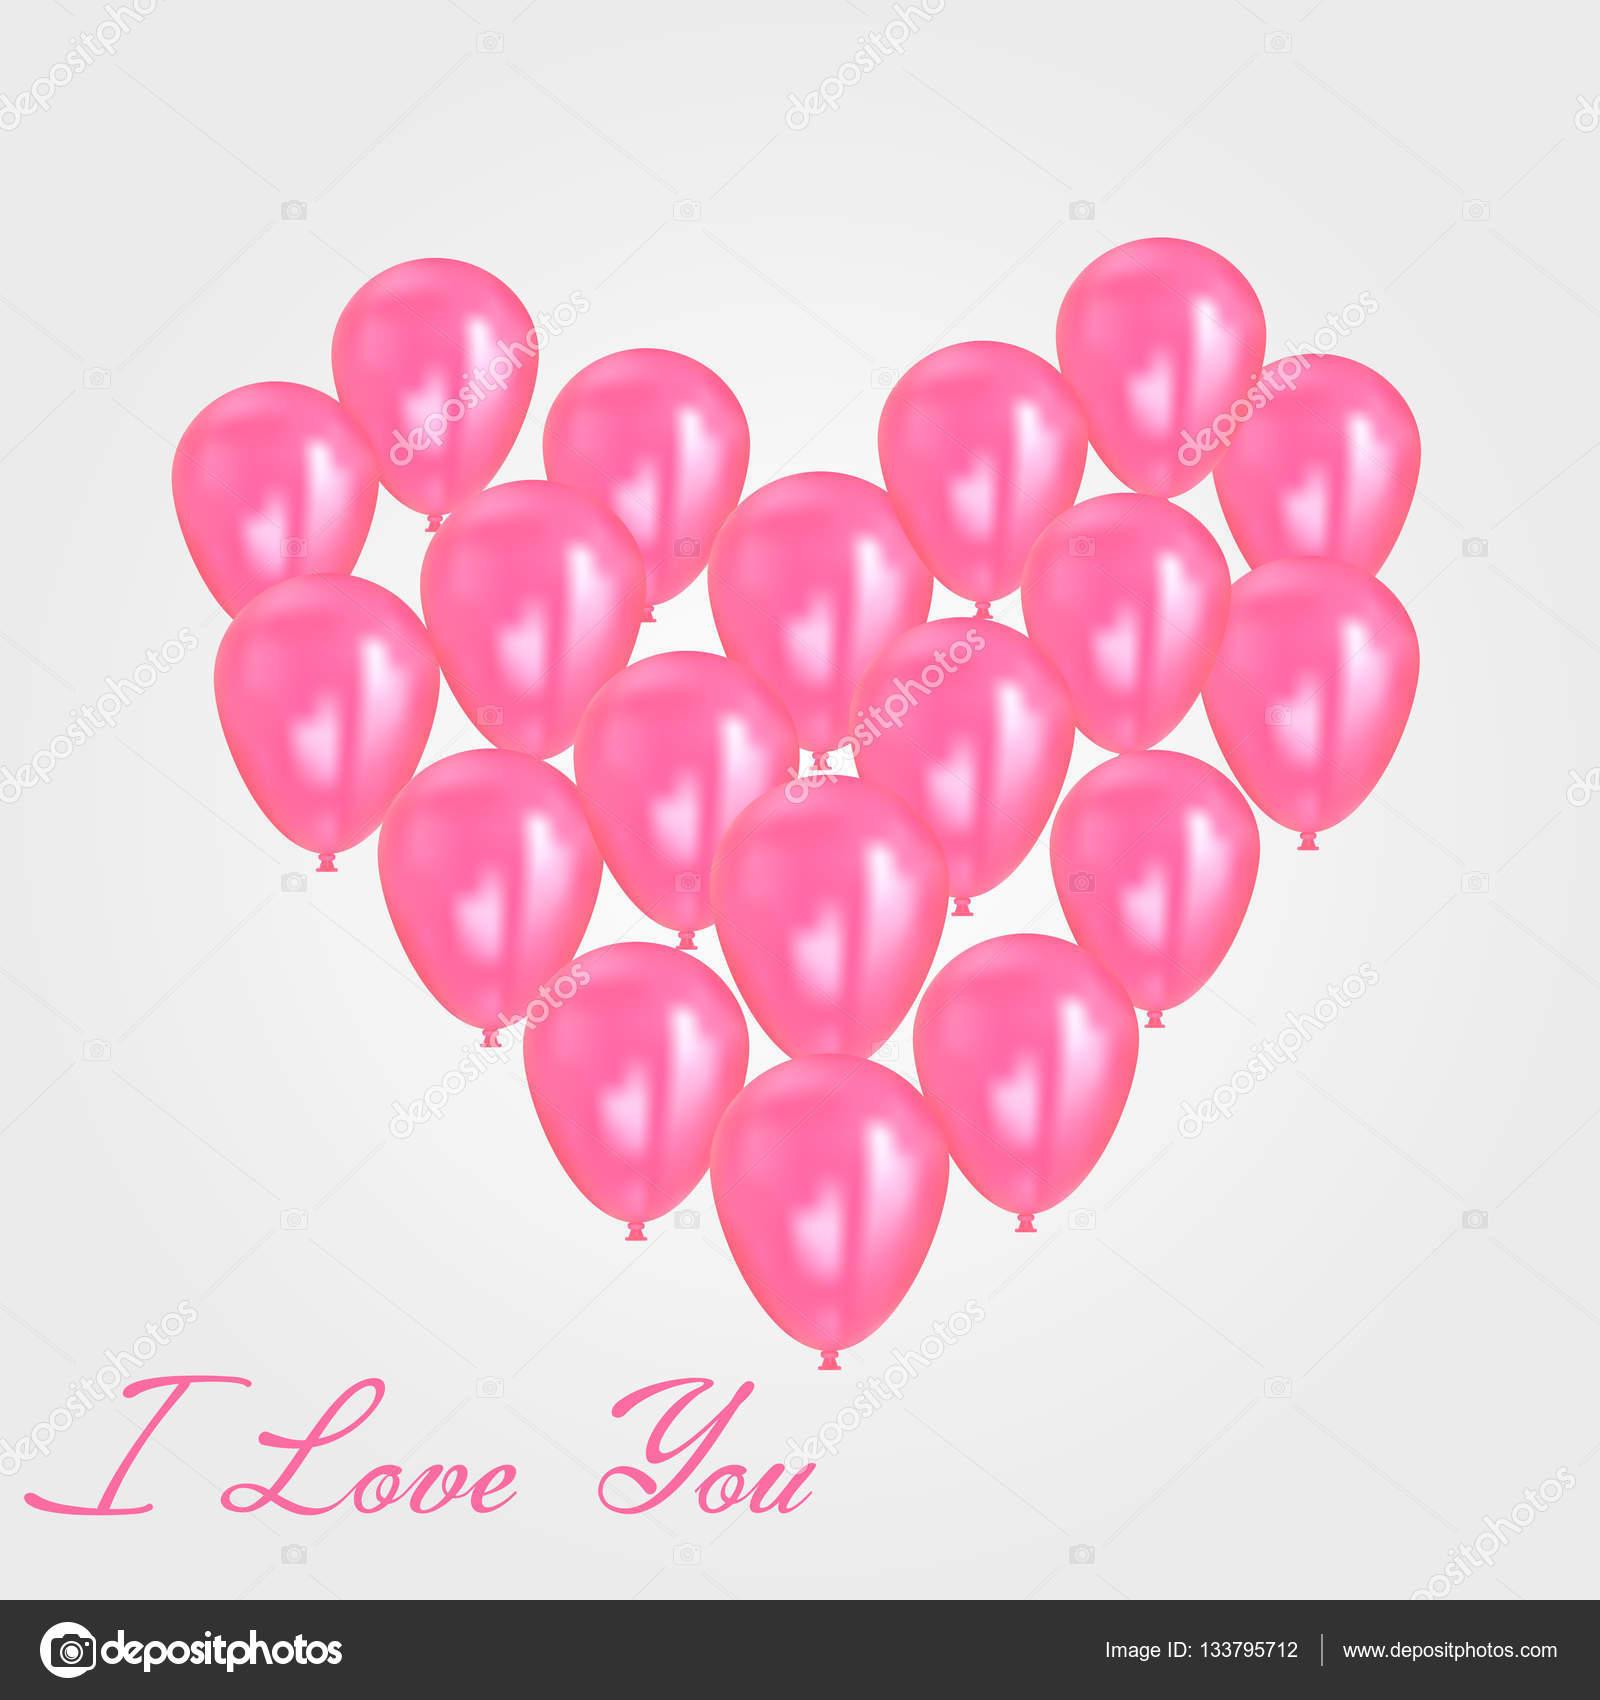 födelsedag meddelande Realistisk hjärtat födelsedag ballonger flyger. fest och firande  födelsedag meddelande